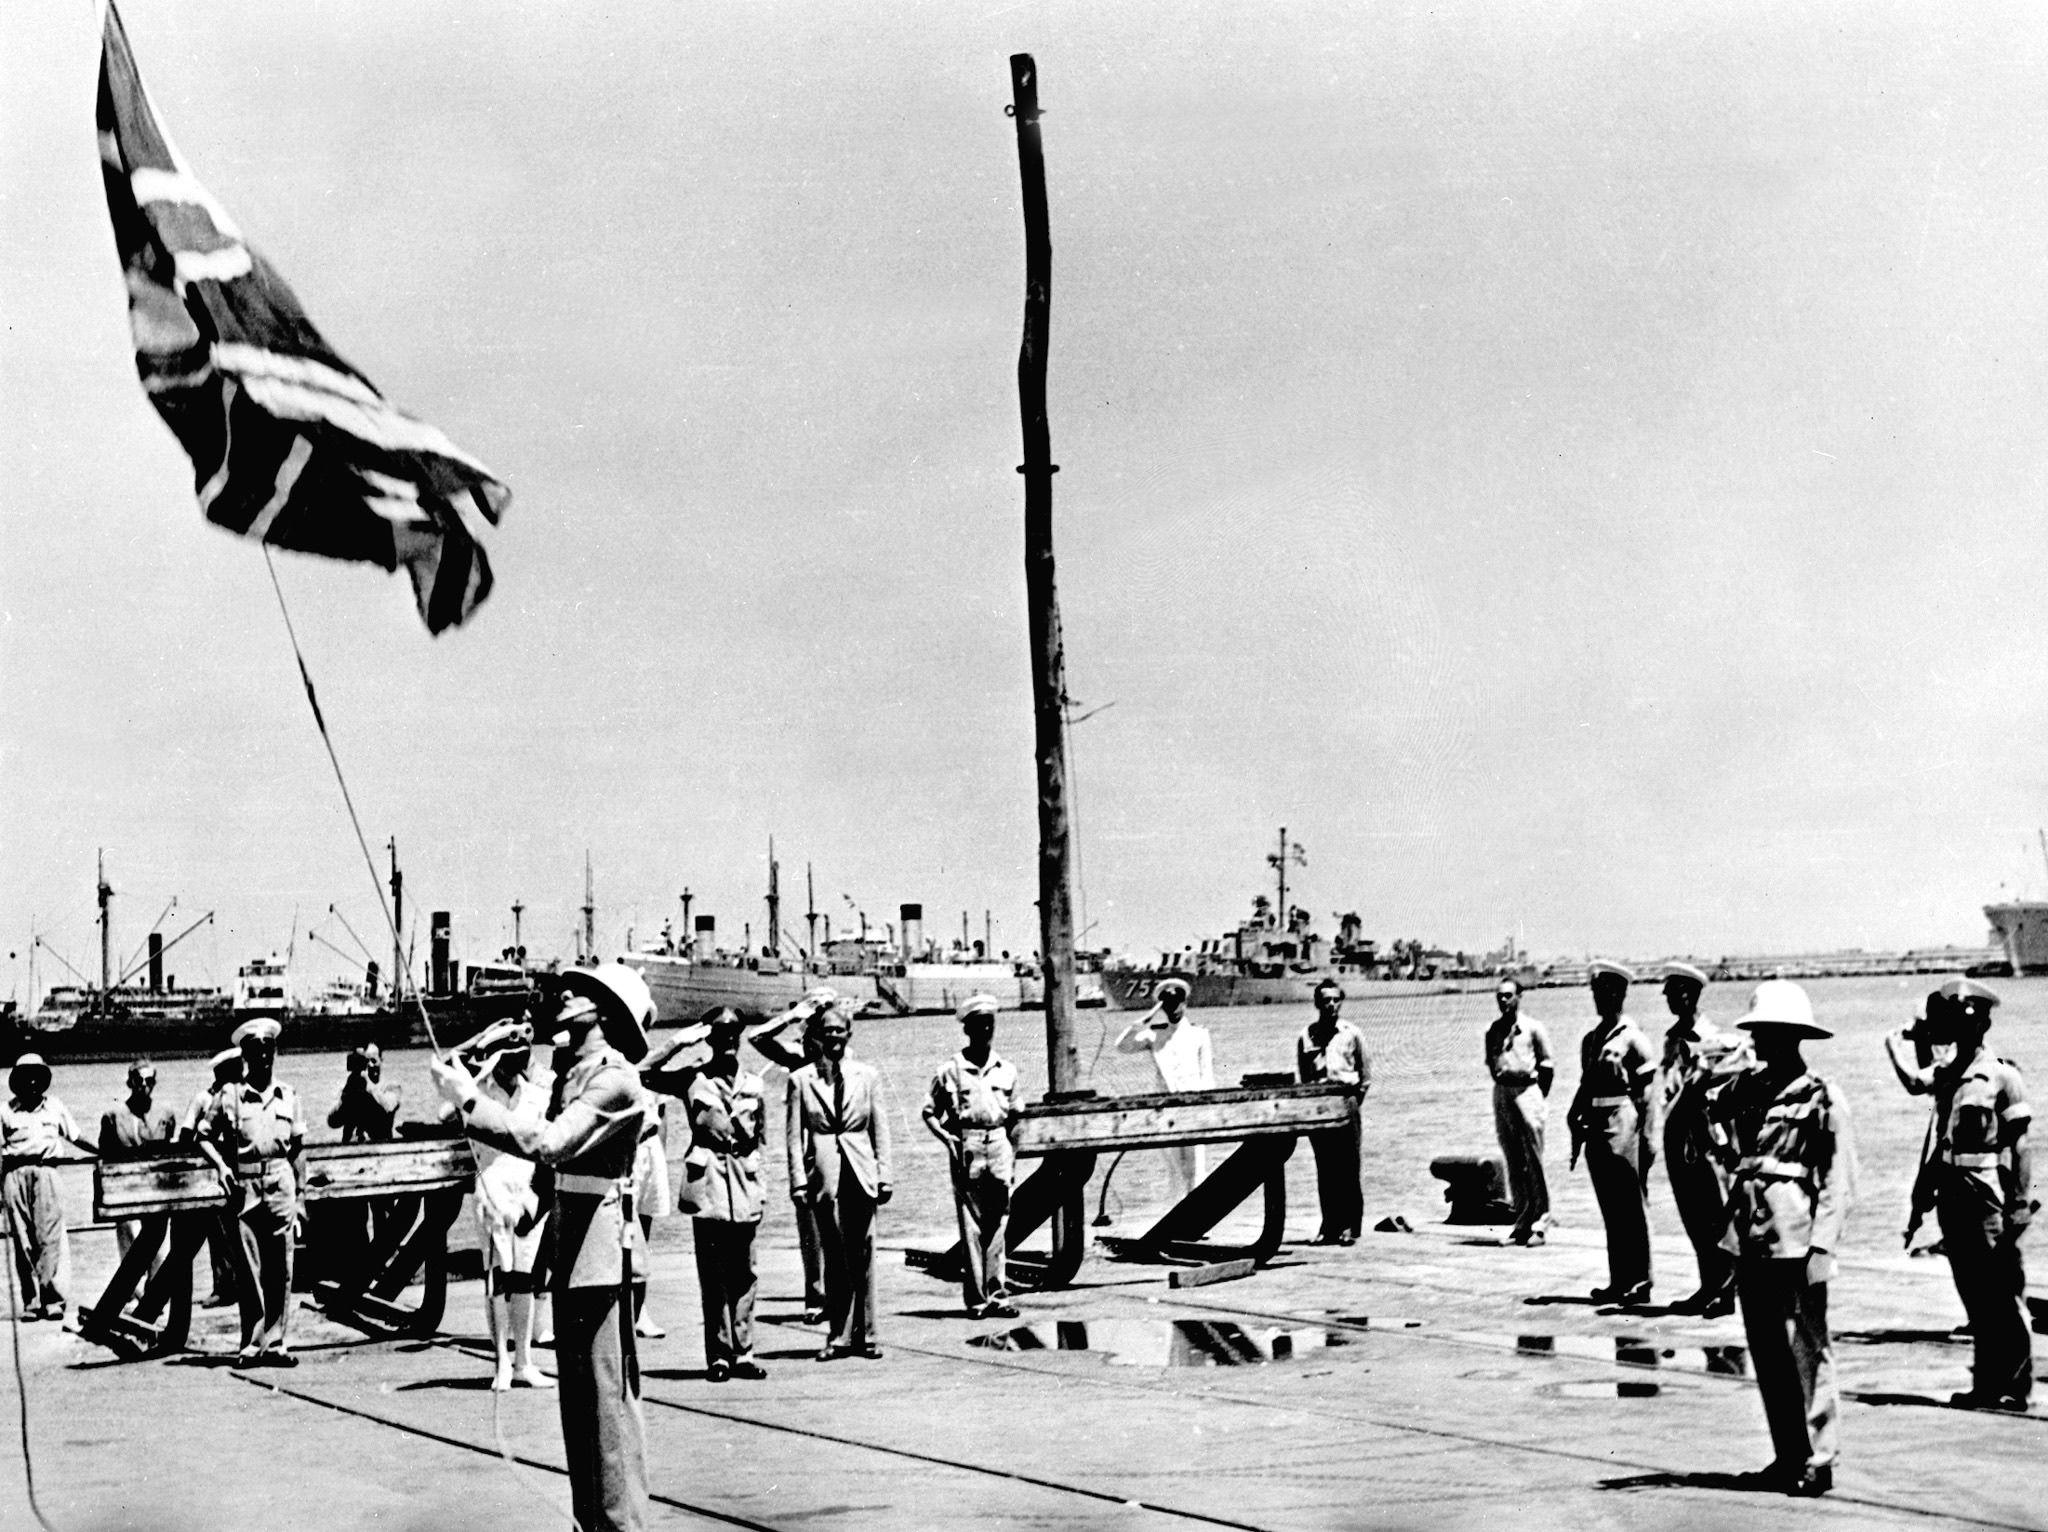 The British leaving Haifa, June 30, 1948 (עברית: עזיבת הבריטים מסדר מסירת נמל חיפה לעיריה ברקע הסיירת הבריטית פואבה.)